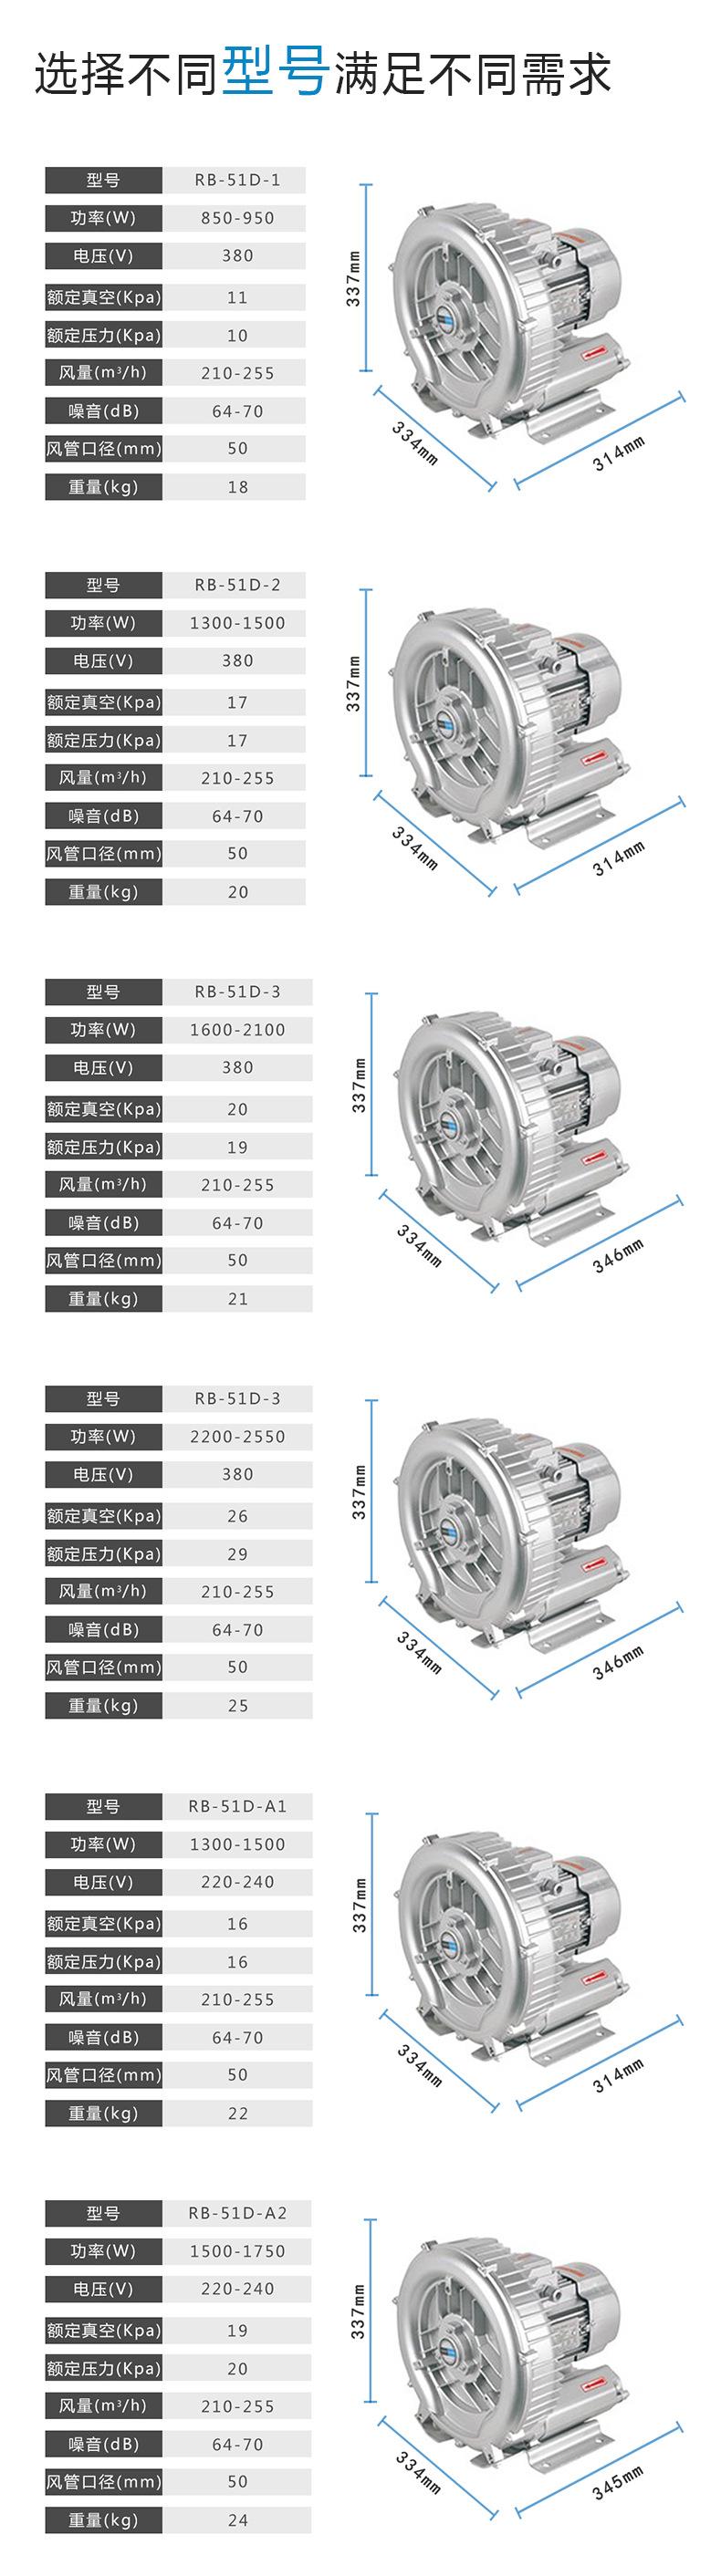 旋涡鼓风机,旋涡高压风机,旋涡高压鼓风机,旋涡风机示例图9